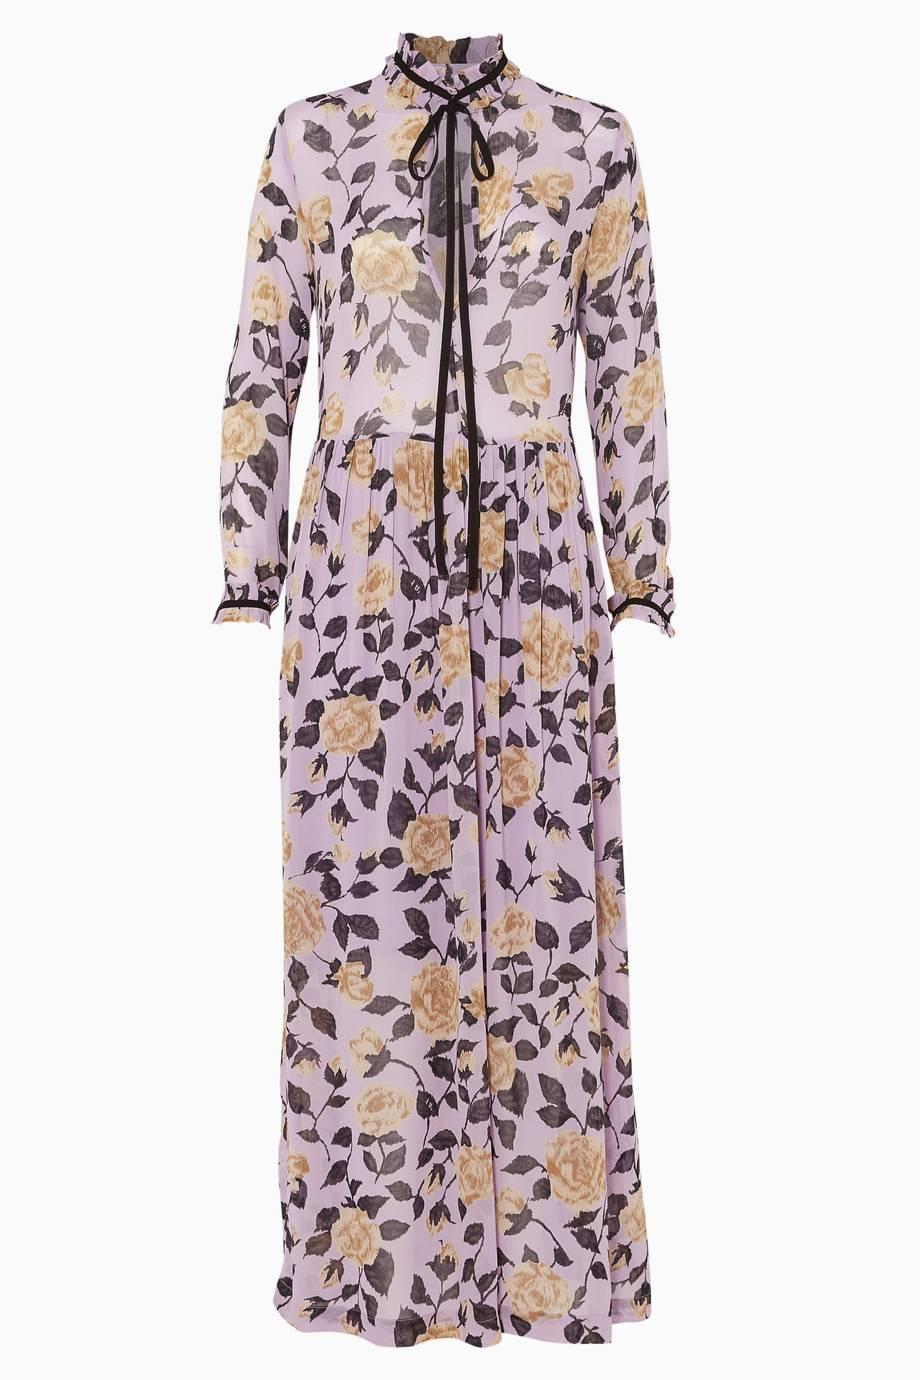 10a0fc8b9dc Shop Luxury Ganni Floral Printed Carlton Georgette Dress